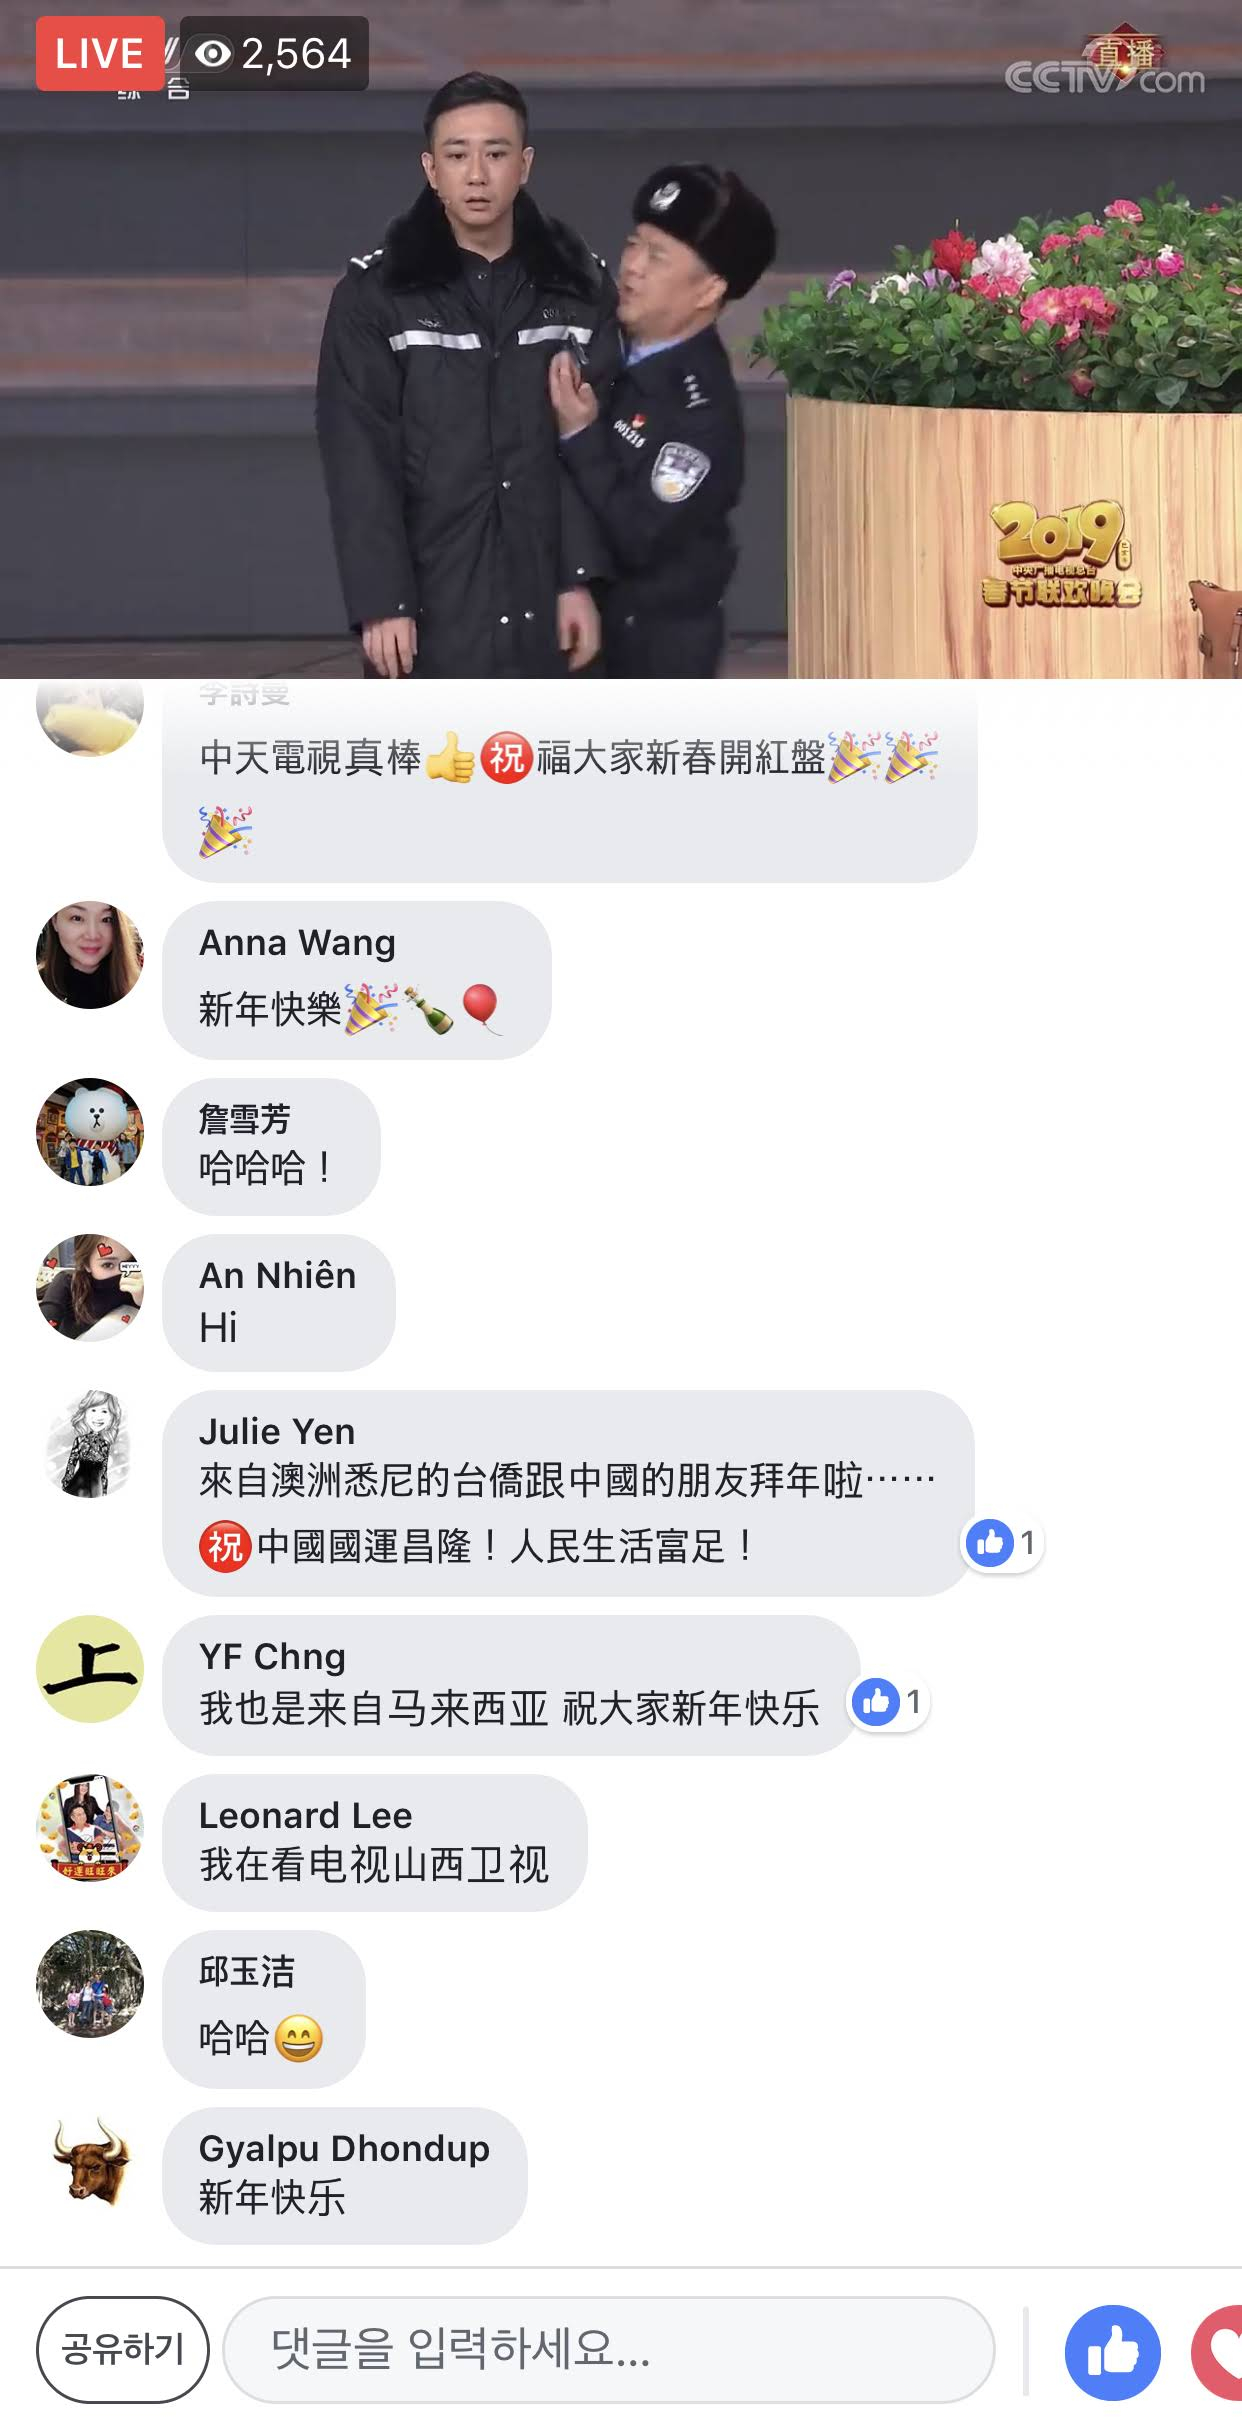 2019년 중국 설 특집쇼 춘완은 중국에서 서비스 되지 않는 페이스북, 유튜브를 비롯해 중국의 아이치이, 유쿠, 웨이보, 콰이, 틱톡 등 각종 동영상 플랫폼을 통해 4K 고화질로 생중계됐다. 페이스북에 생중계된 춘완에 해외 화교들이 실시간 댓글을 올린 화면. [페이스북 캡처]